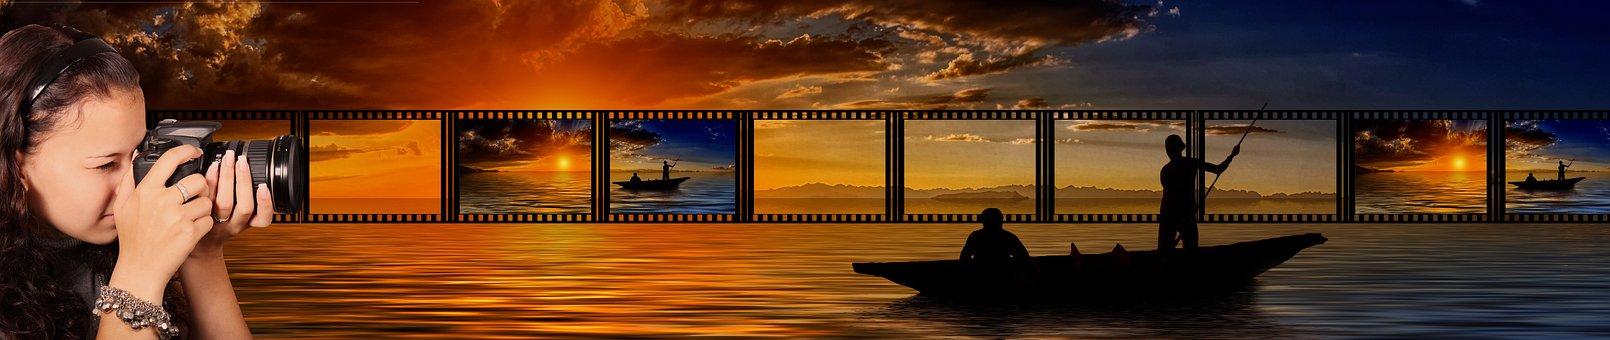 Photographer, Photograph, Sunset, Banner, Header